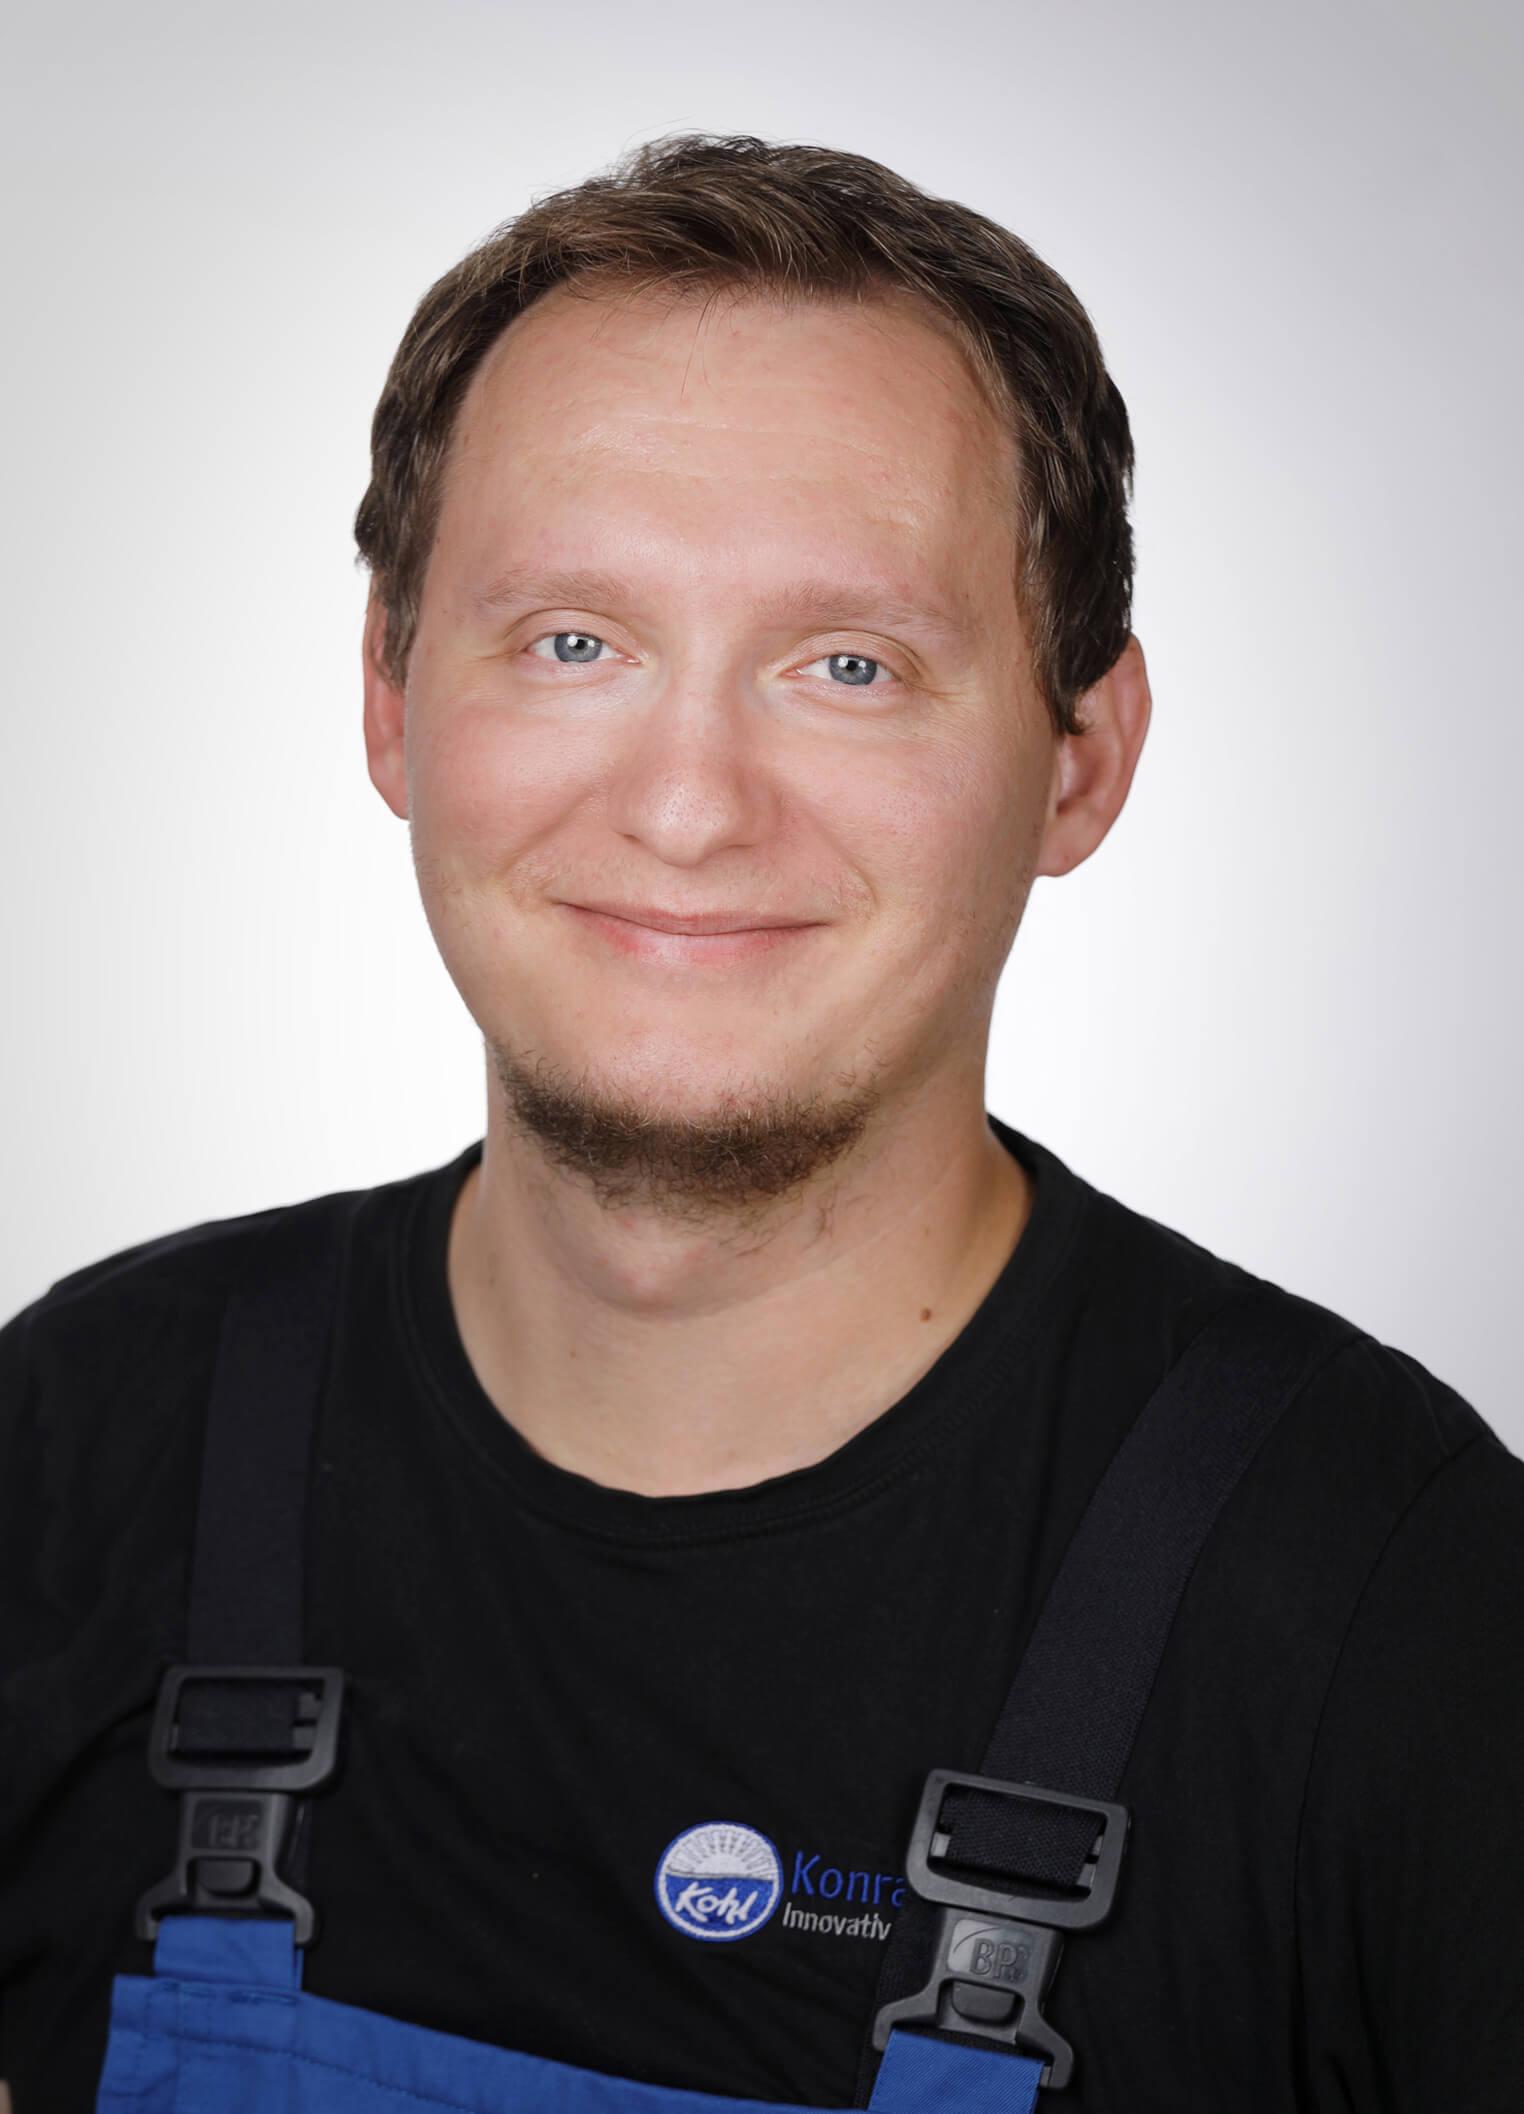 Herr Neumüller